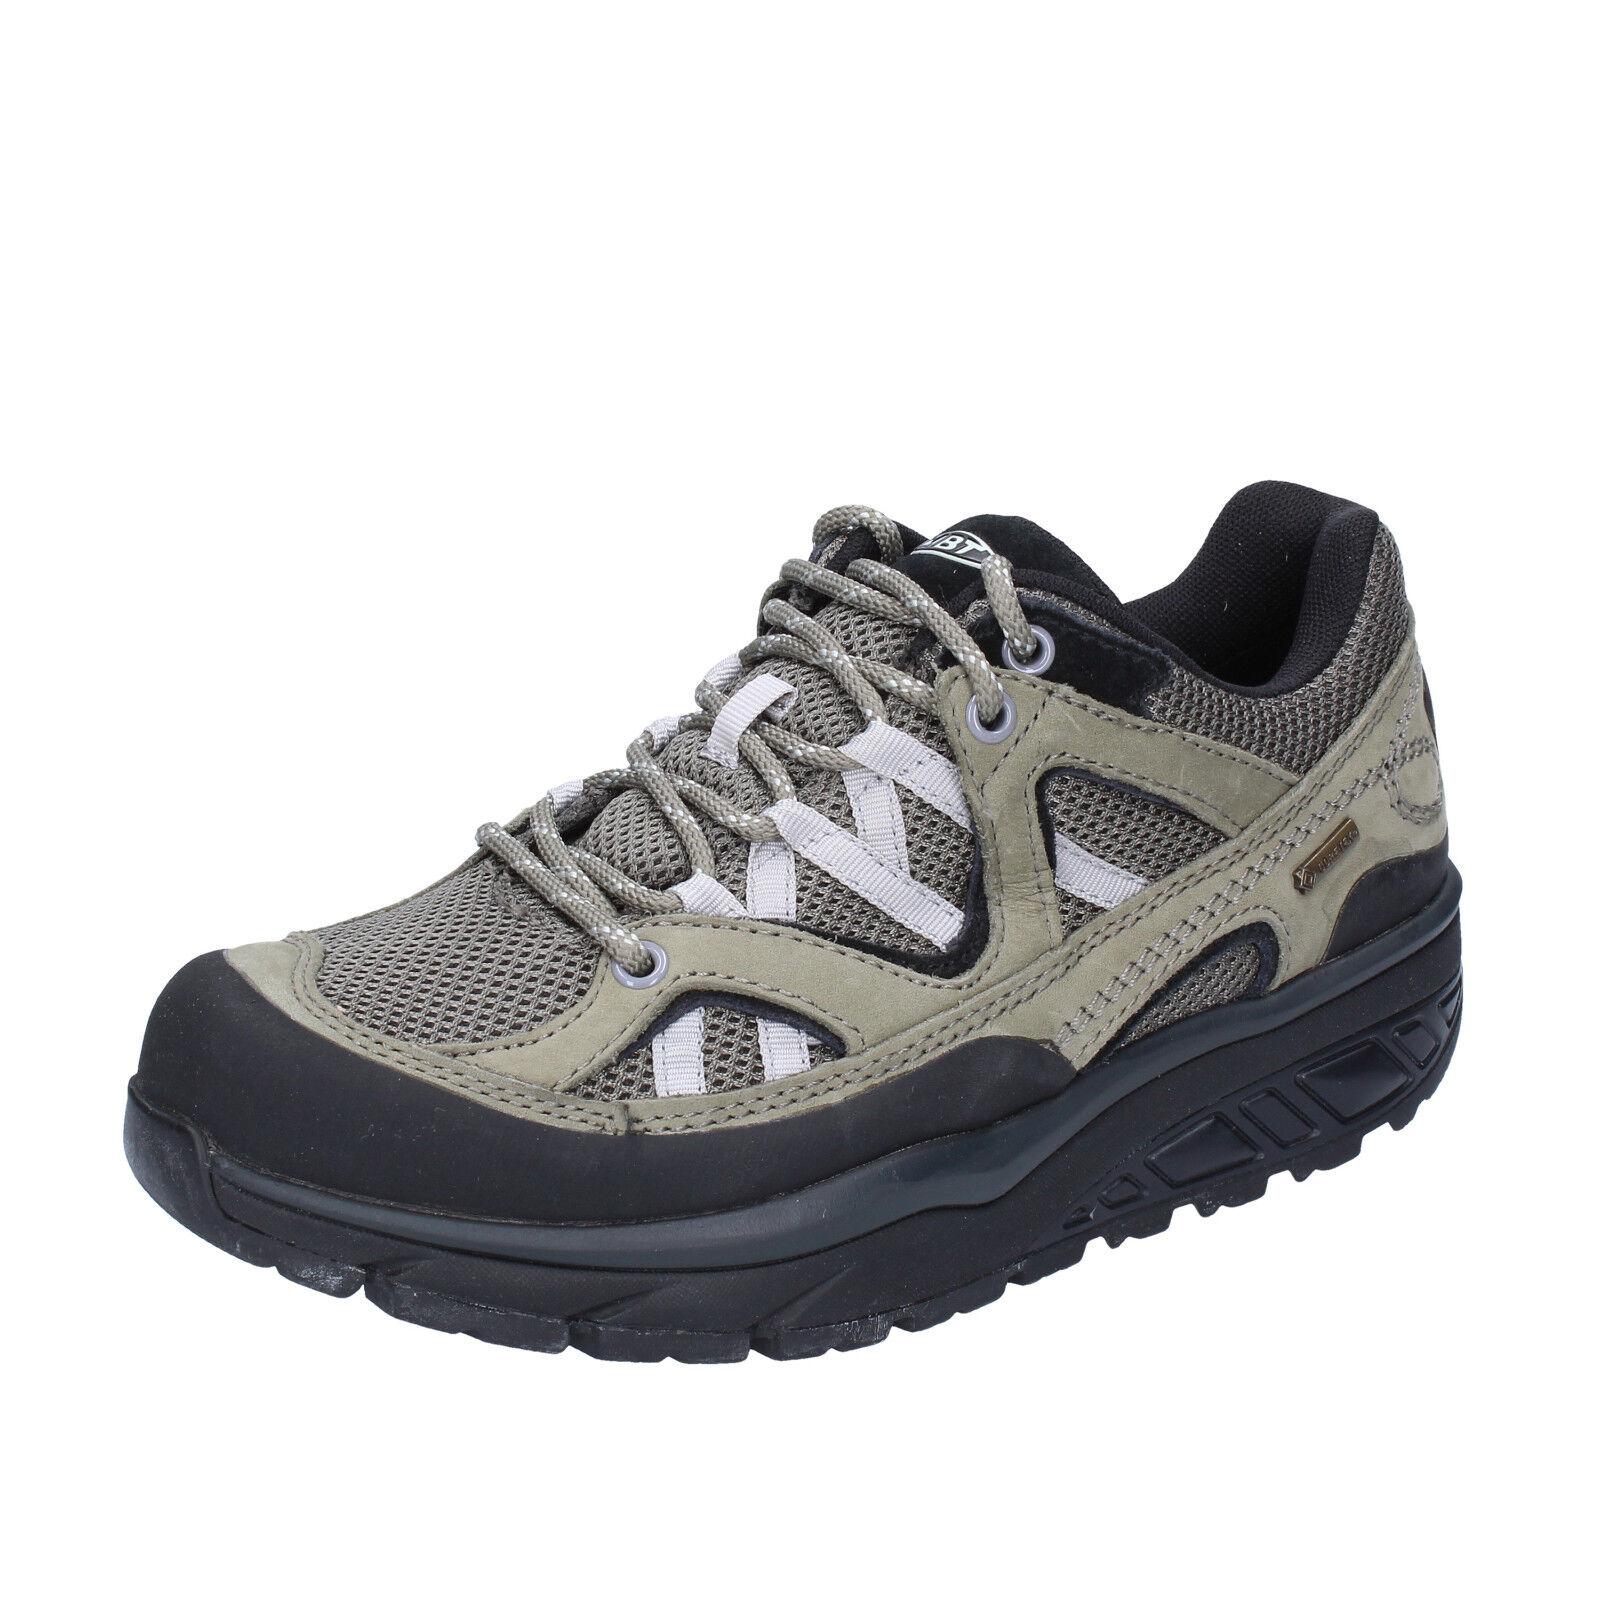 Scarpe donna MBT 35 EU scarpe da ginnastica verde grigio tessuto nabuk BT23-35